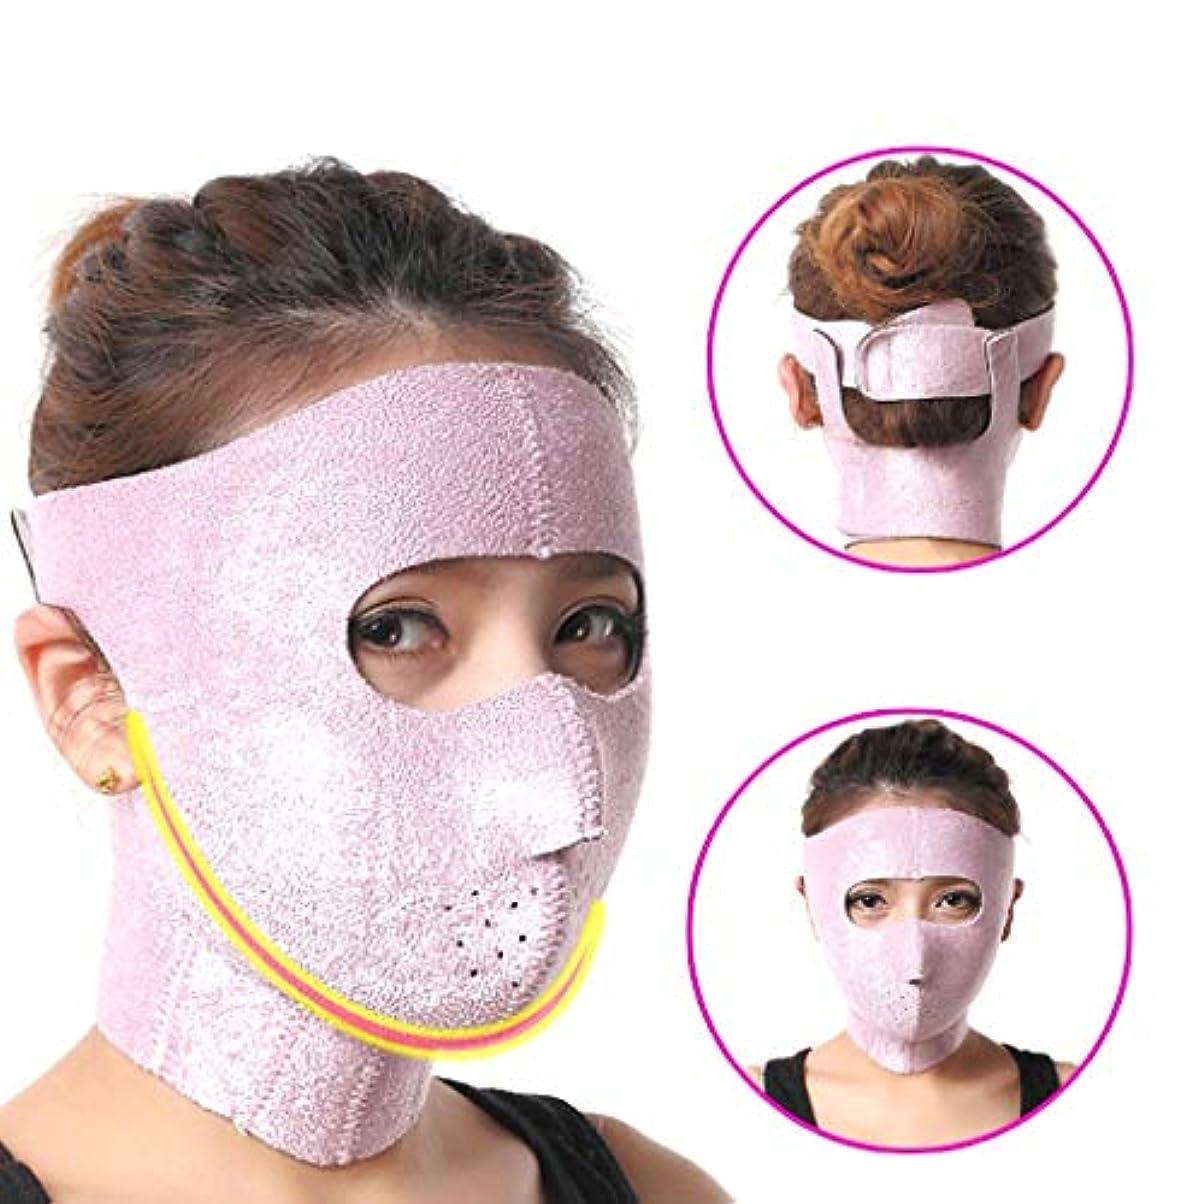 金額連隊王朝XHLMRMJ 薄いあご修正ツール、顔リフティングマスク、リフティングファーミング、Vフェイシャルマスク、改良された咬筋二重あご、男性と女性の両方に適しています